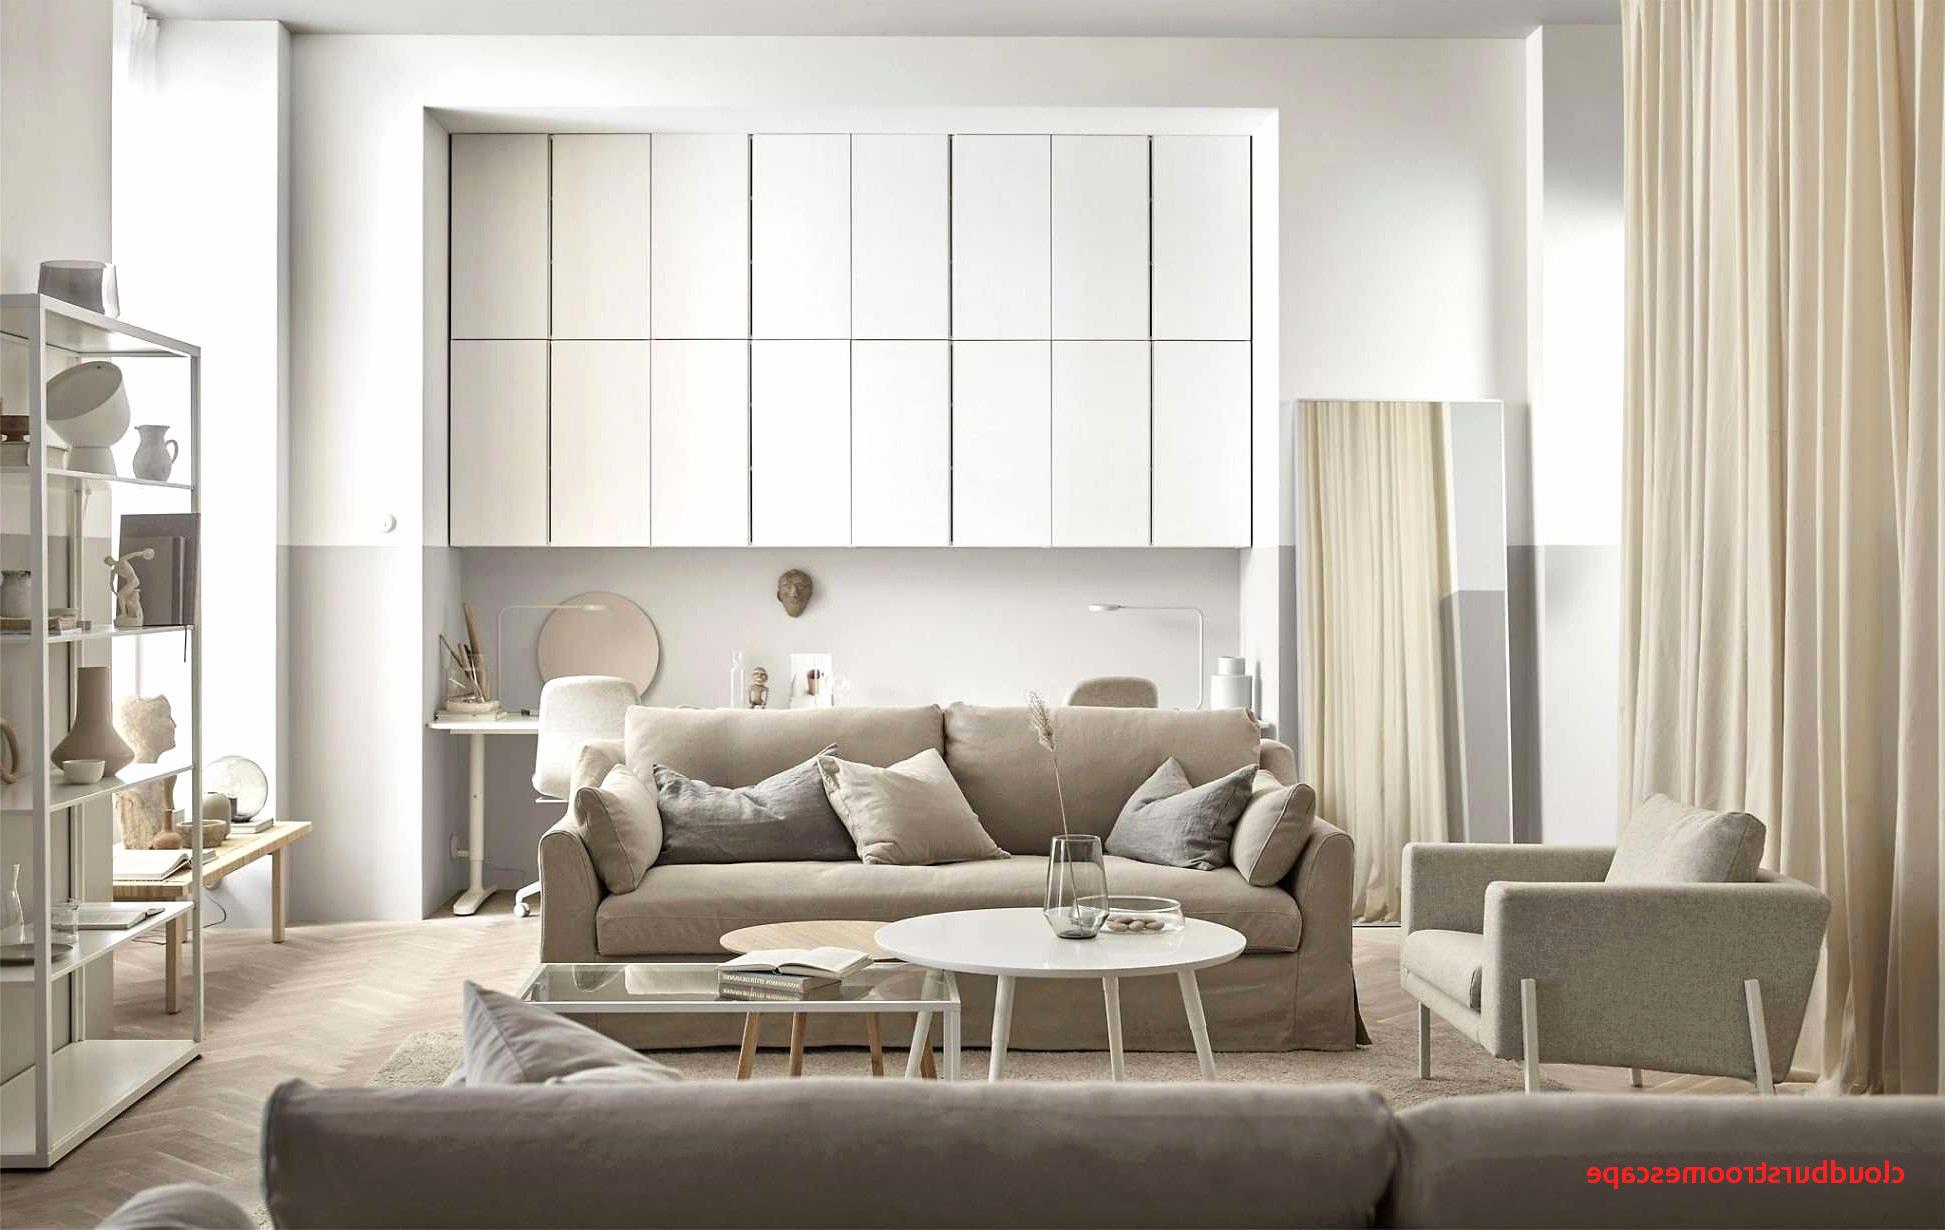 landhaus deko selber machen mit 52 schon deko landhausstil wohnzimmer bilder holz deko 79 und deko landhausstil wohnzimmer genial landhaus deko ideen einzigartig schonheit schone dekoration moderner o